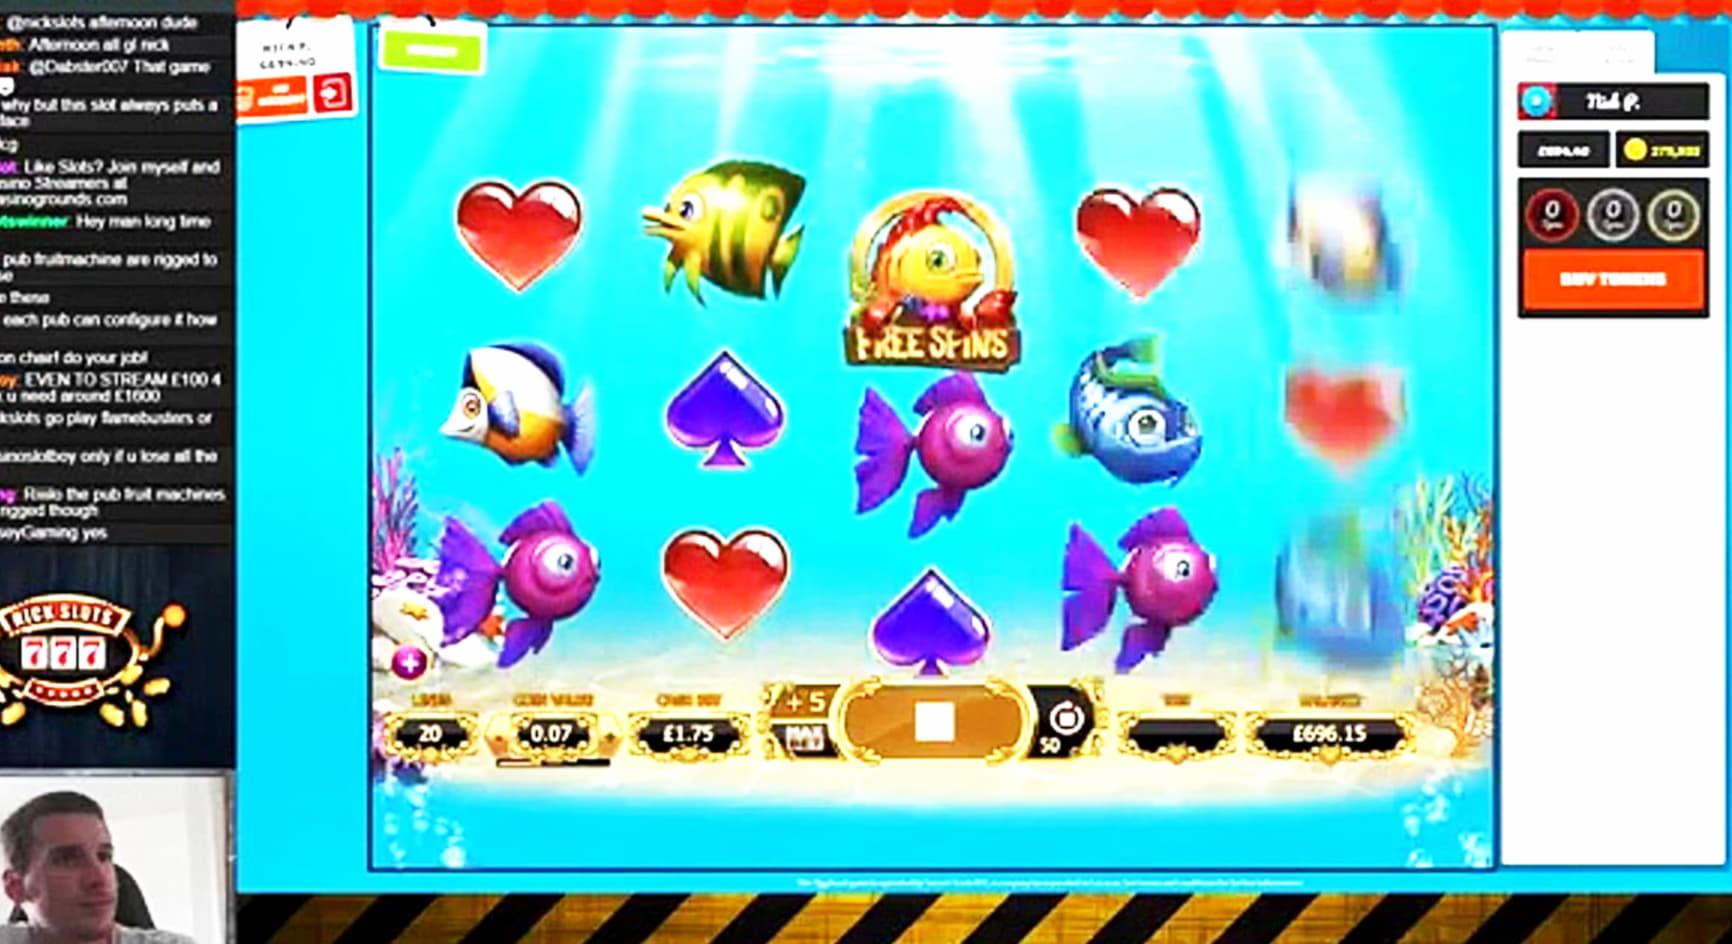 Eur 2460 No deposit bonus casino at Casino-X